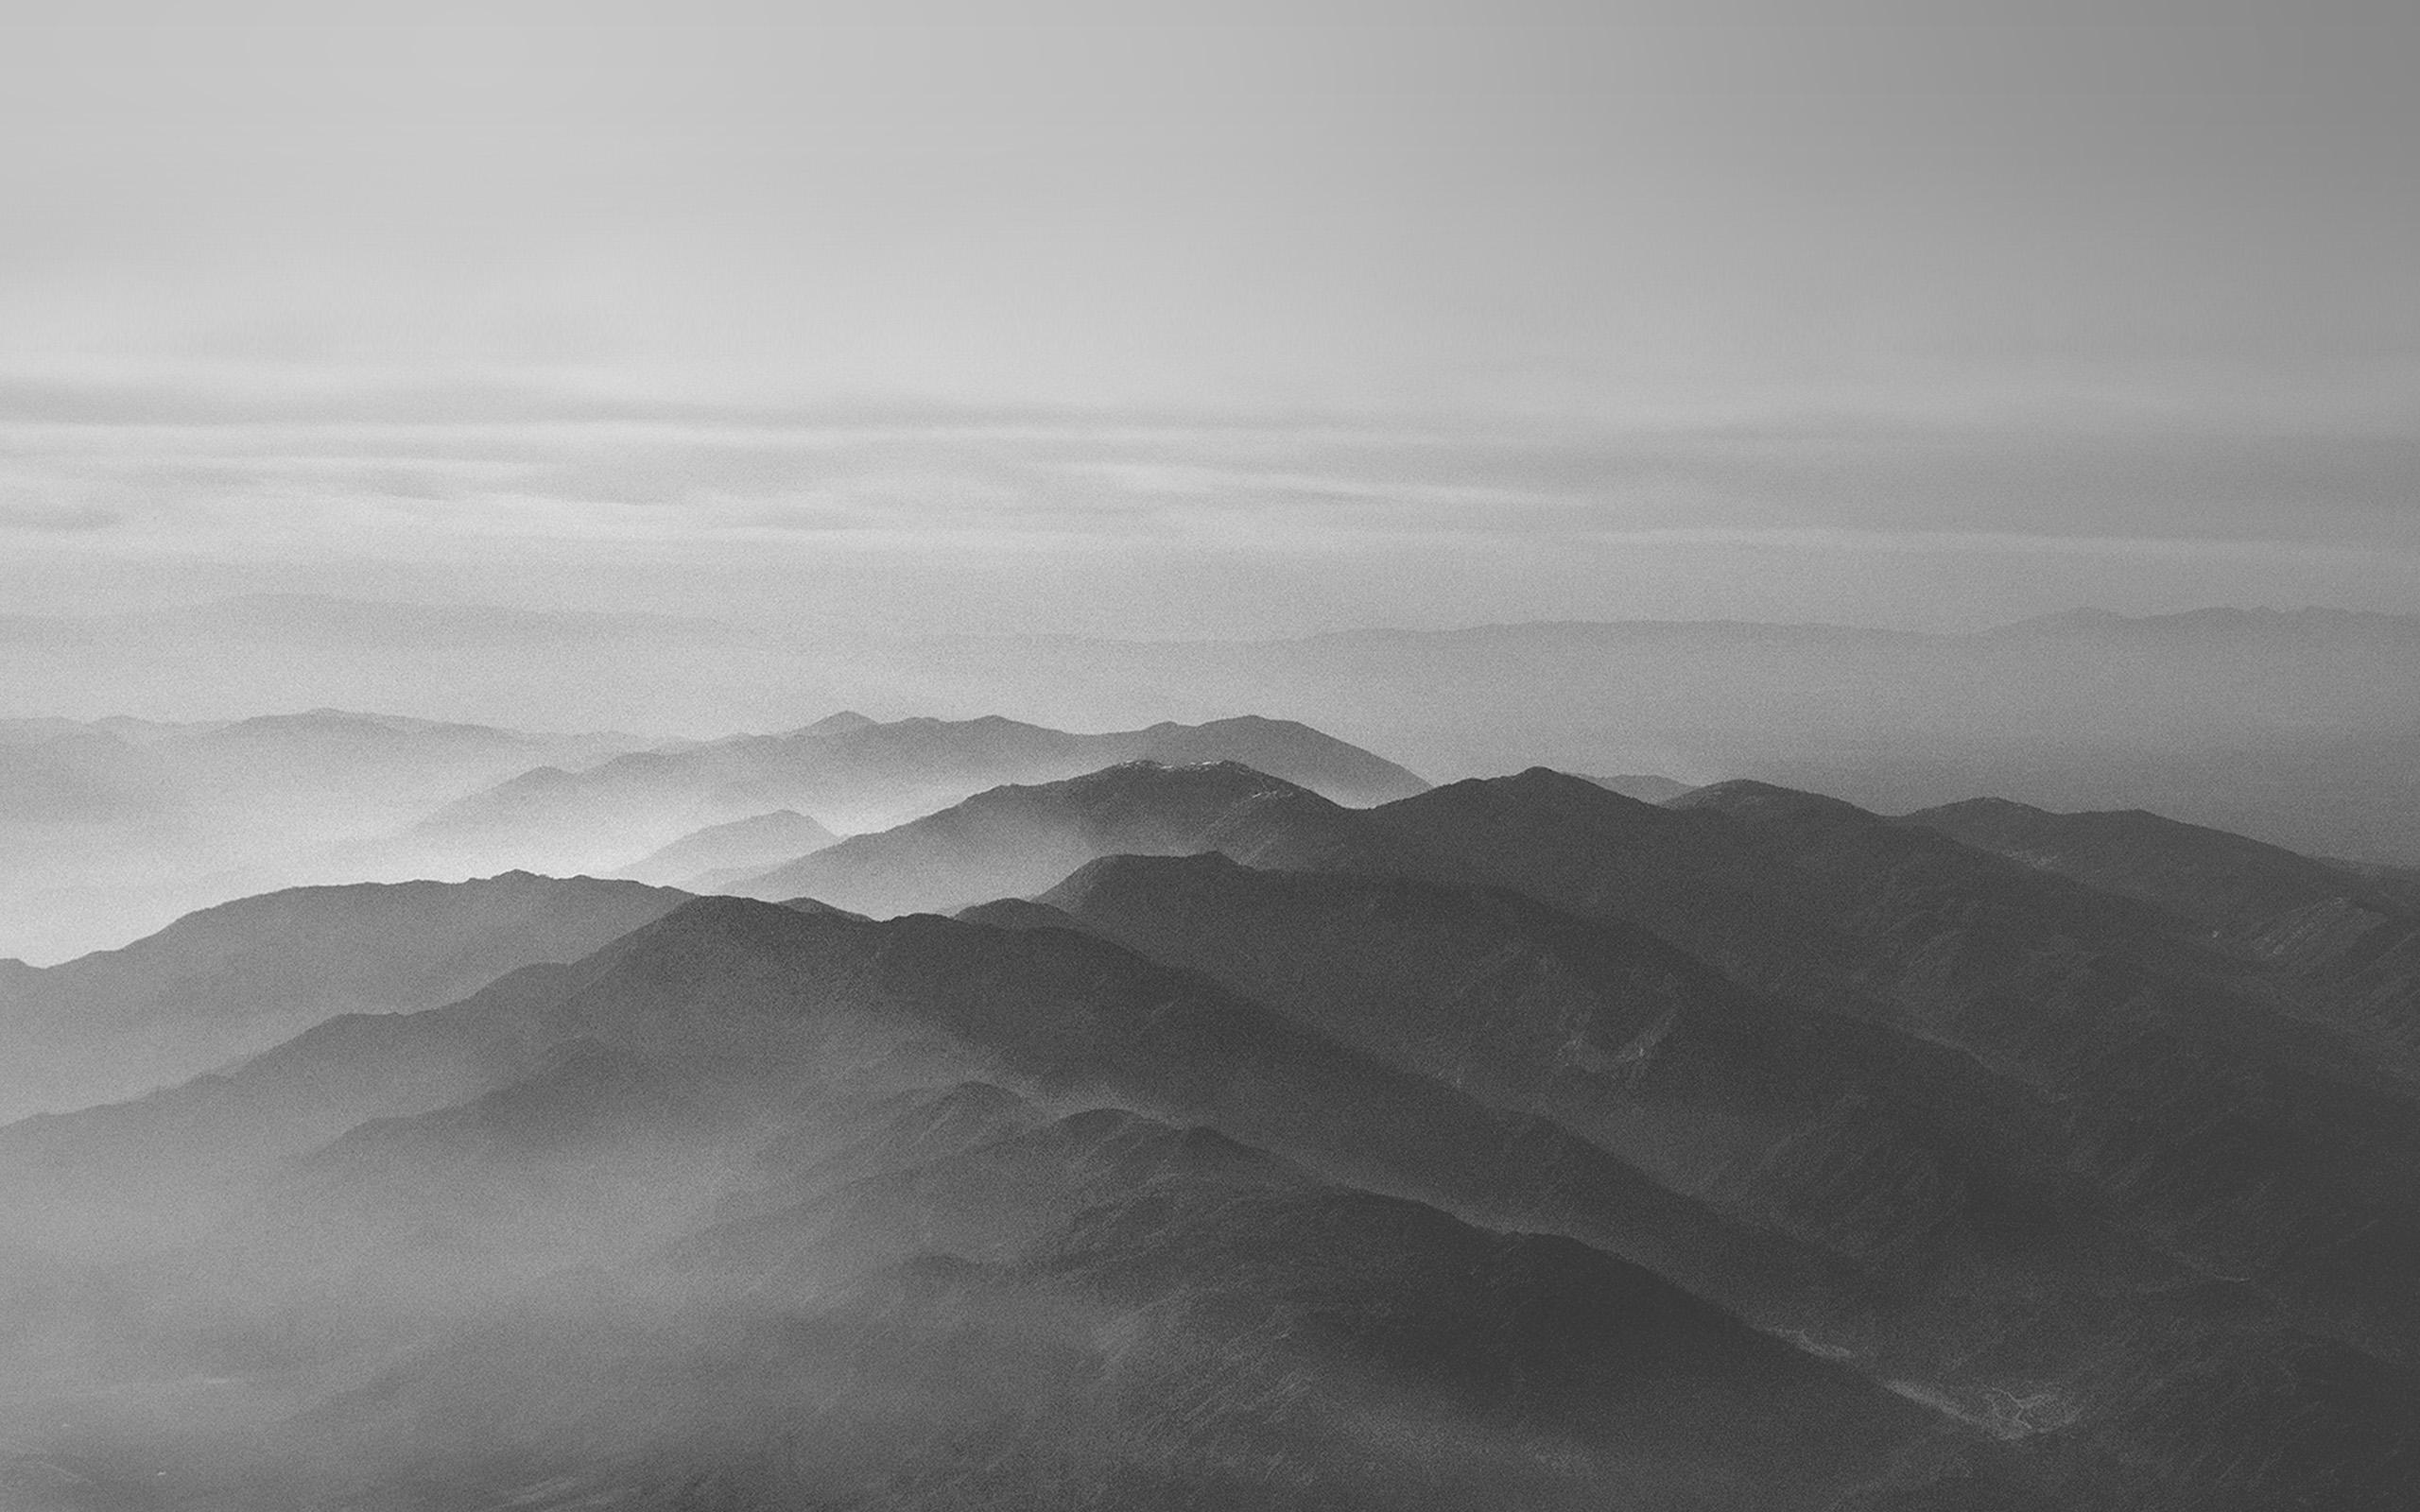 mu40-mountain-fog-nature-dark-bw-gray-sky-view